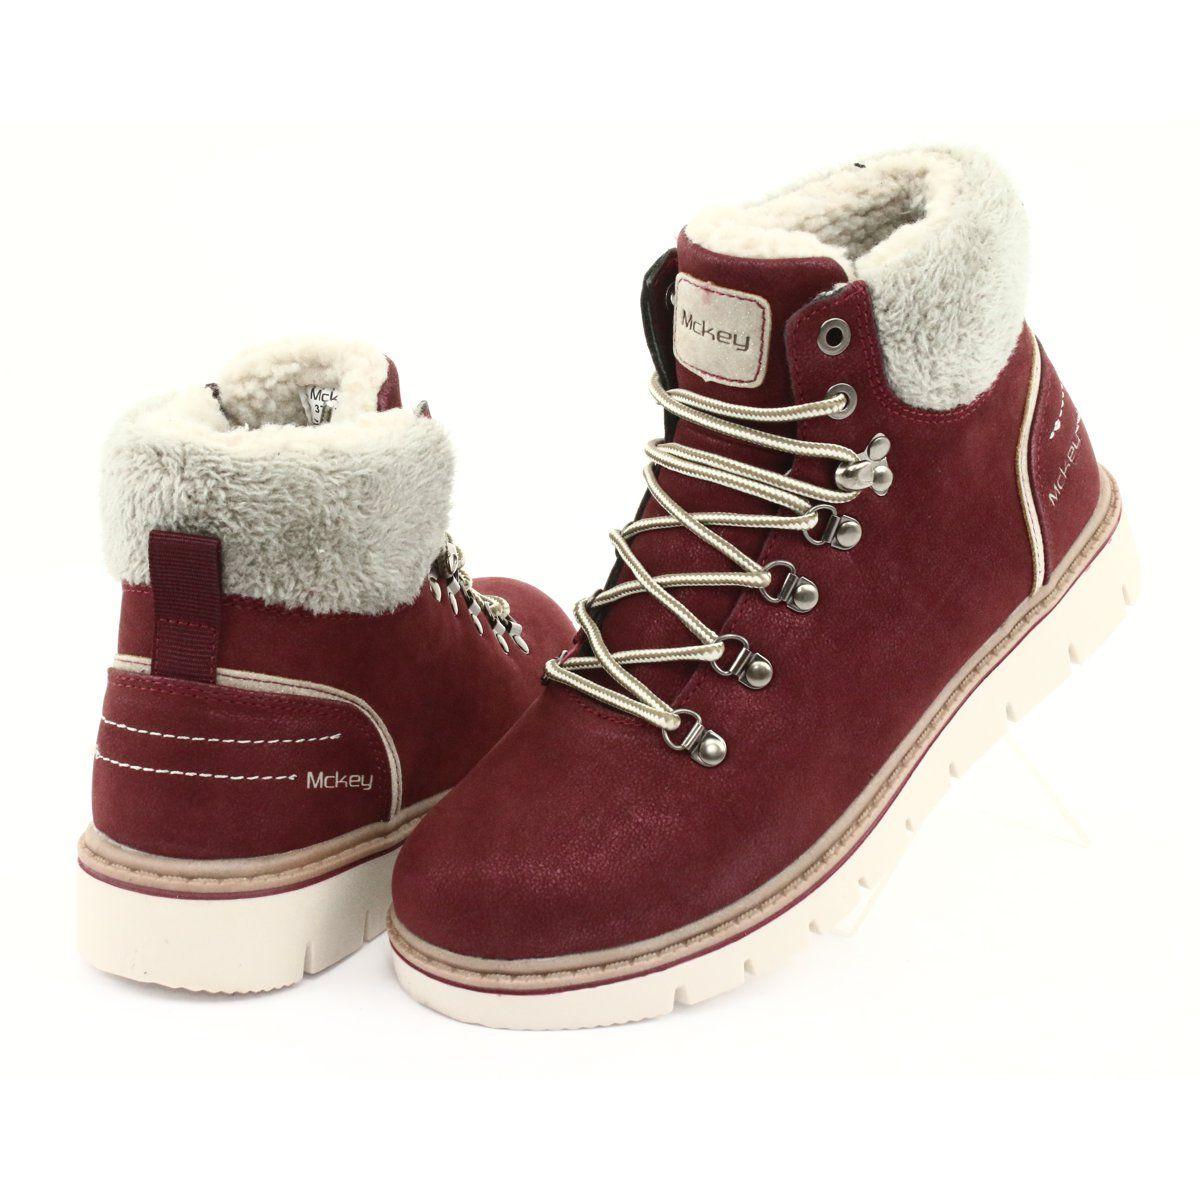 Trzewiki Zimowe Sznurowane Mckey 1072 Brazowe Wielokolorowe Szare Boots Red Shoes Brown Boots